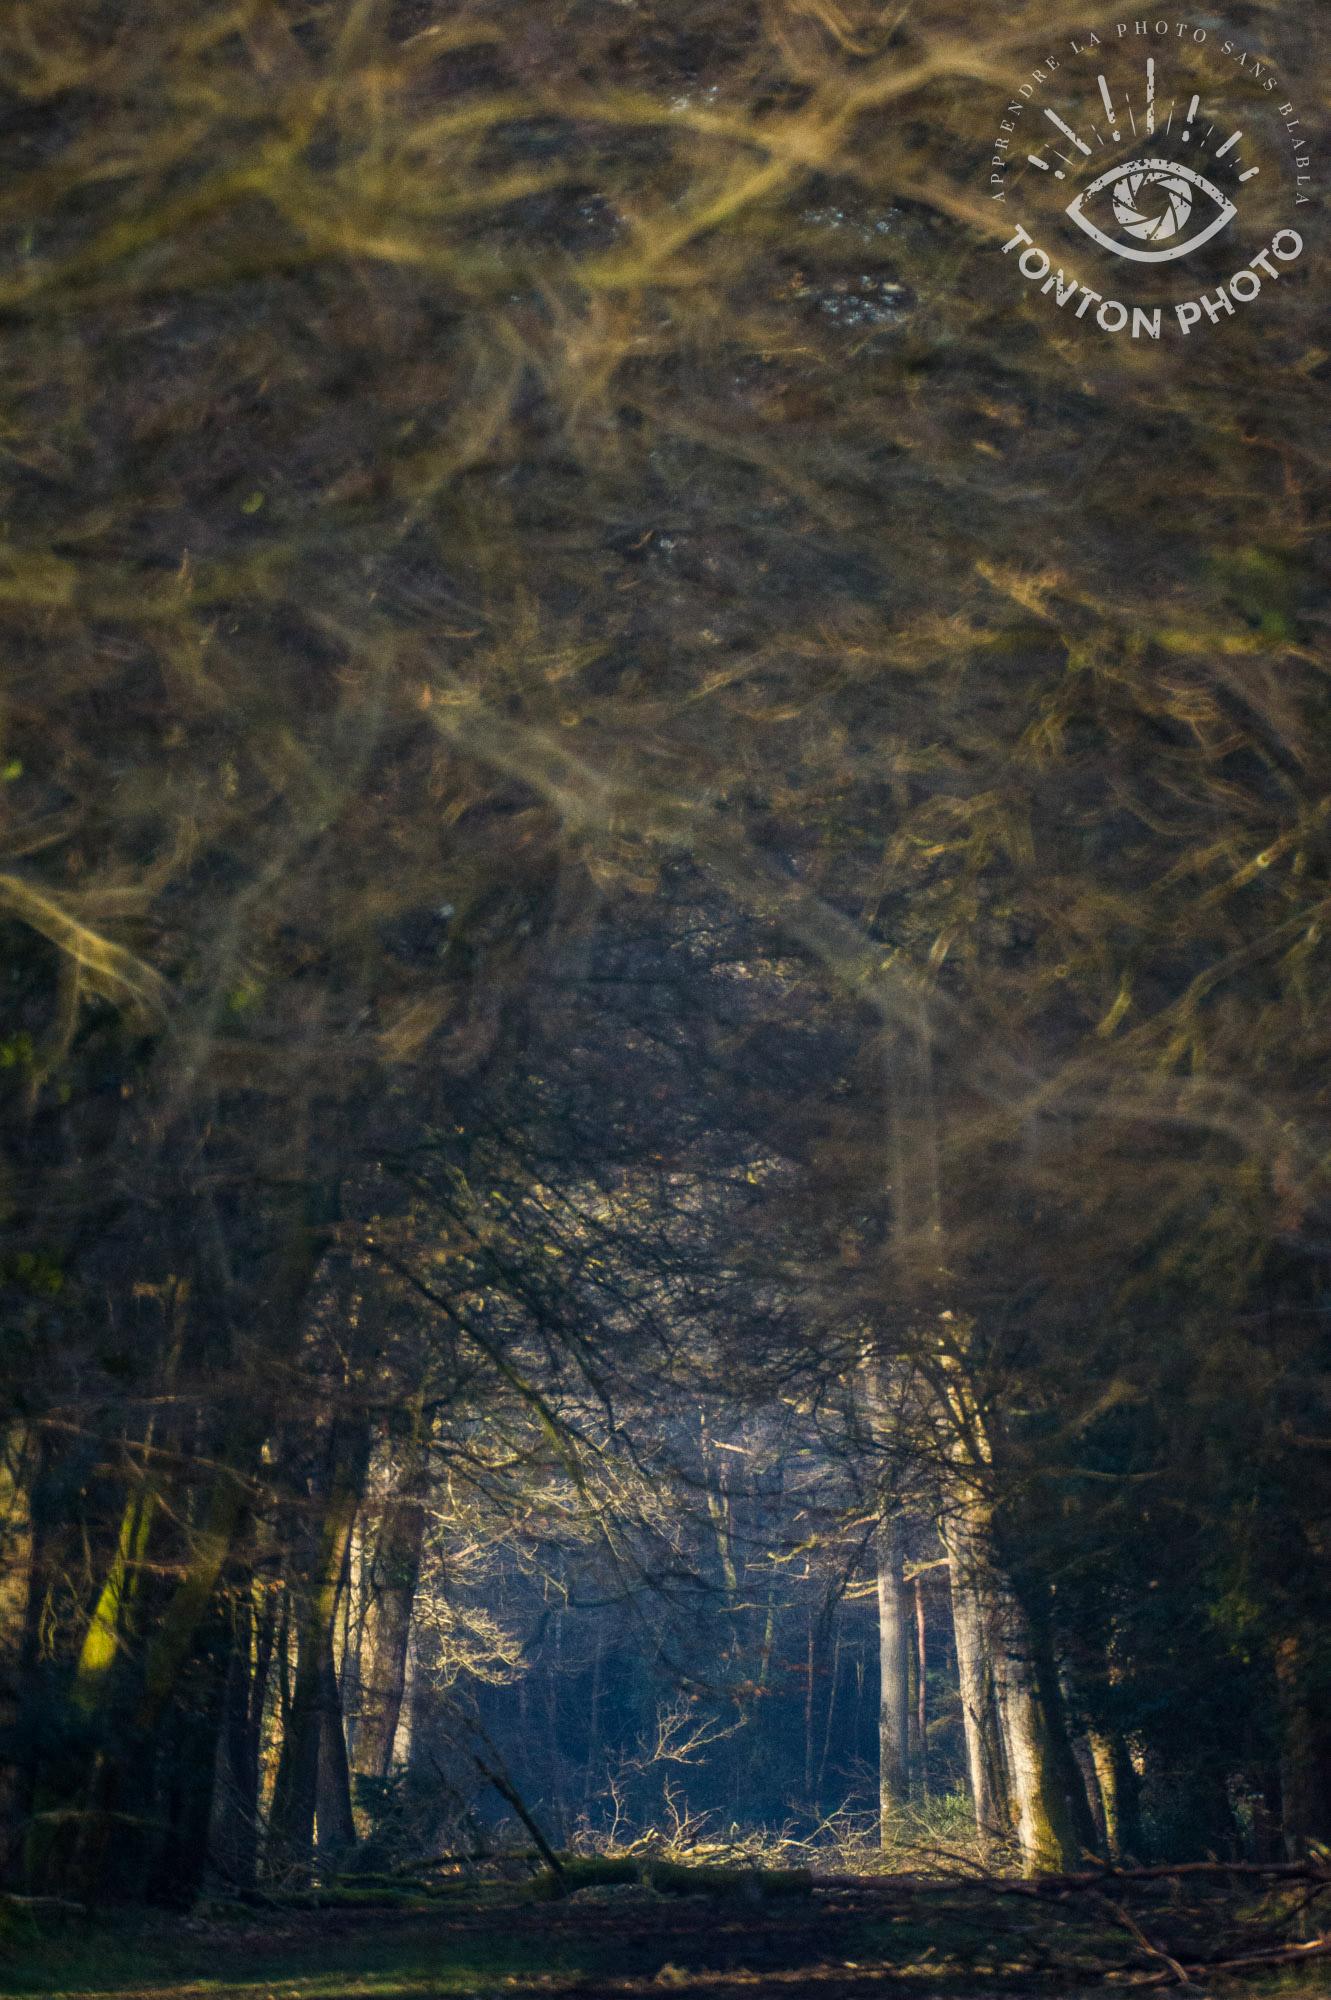 Lumière matinale en forêt, prise avec le télé-objectif Samyang 500mm f/6.3 MC IF © Tonton Photo